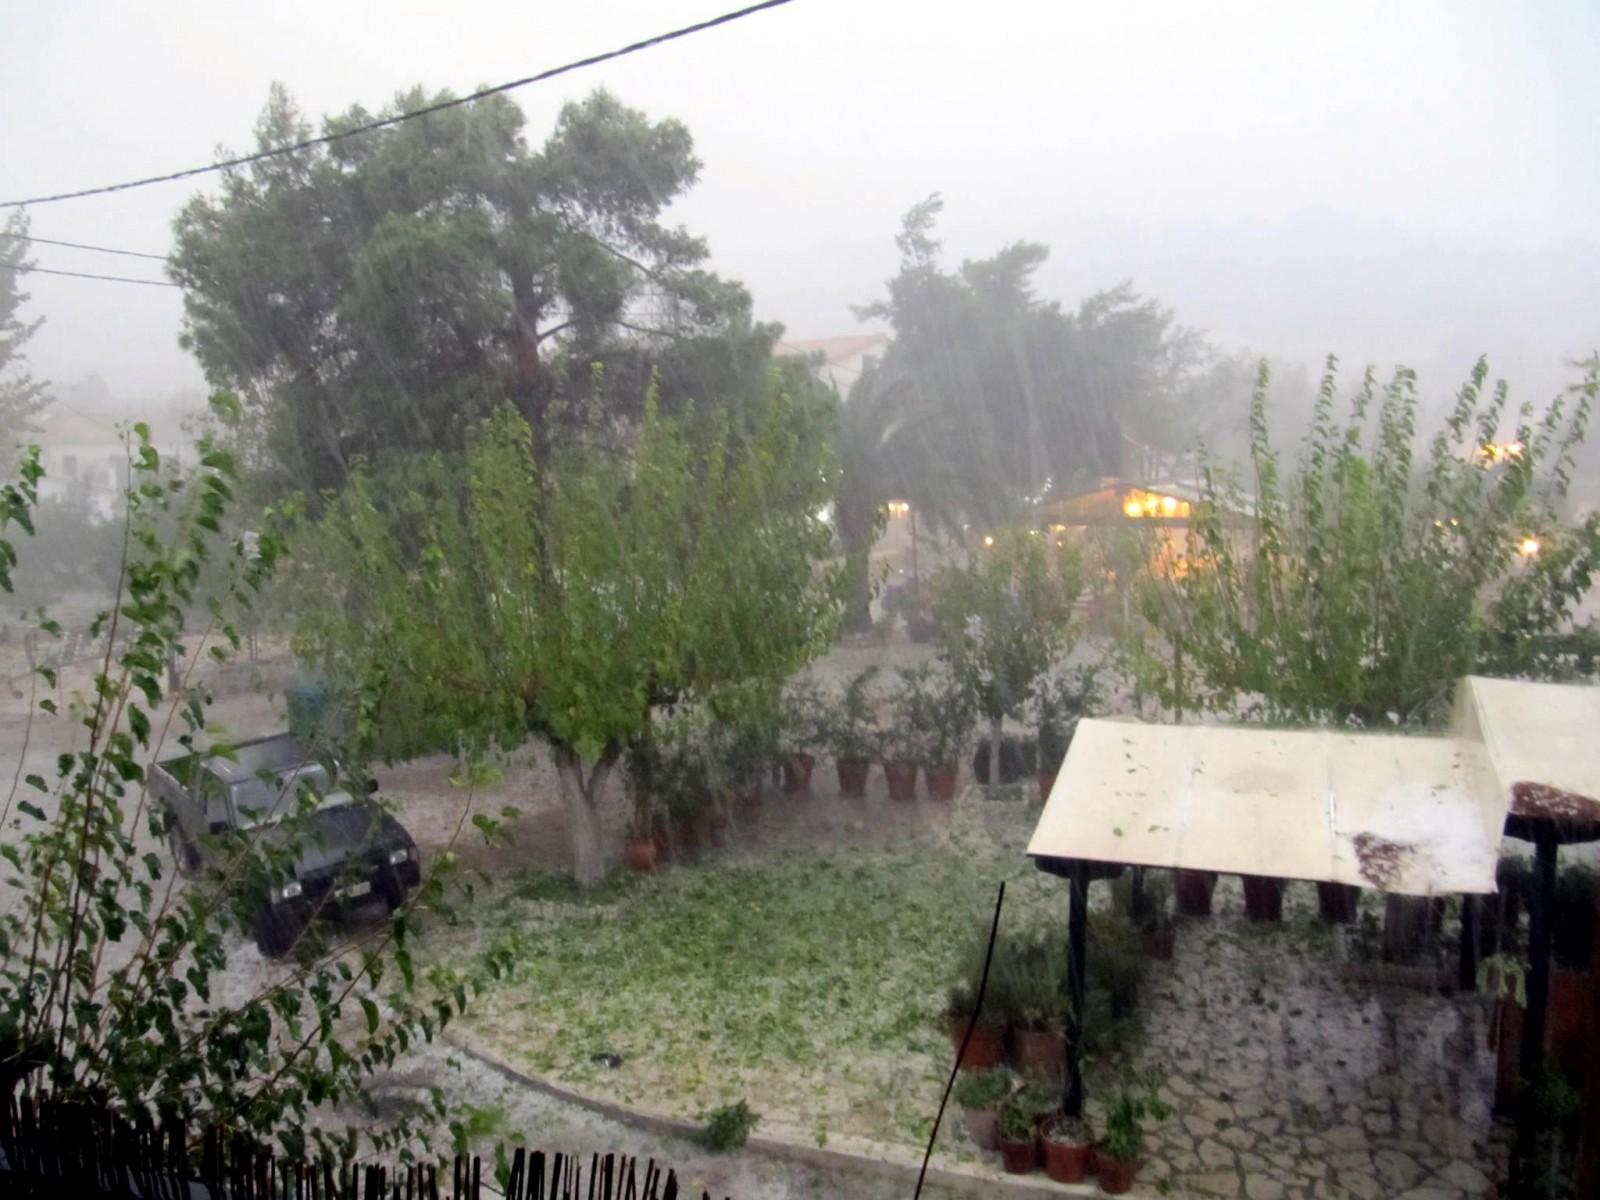 Ακραία καιρικά φαινόμενα στο Μεγανήσι (4η ενημέρωση)